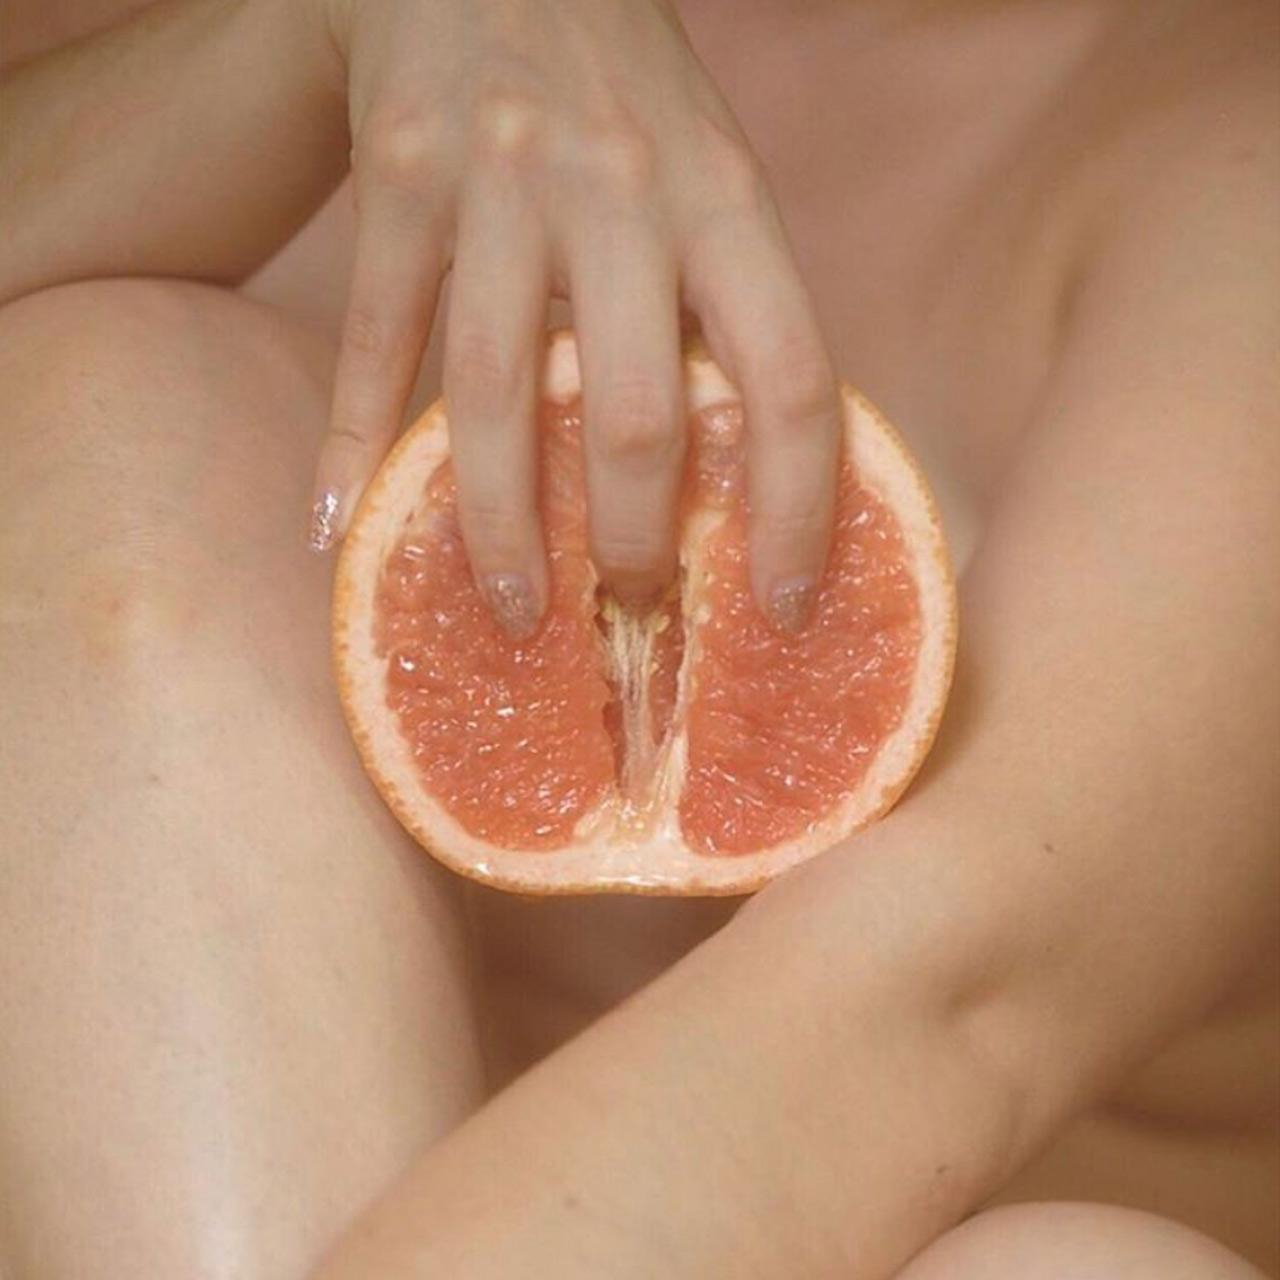 Orgasmos De Chicas placer femenino: ¿qué es un orgasmo y por qué ayudó a subir